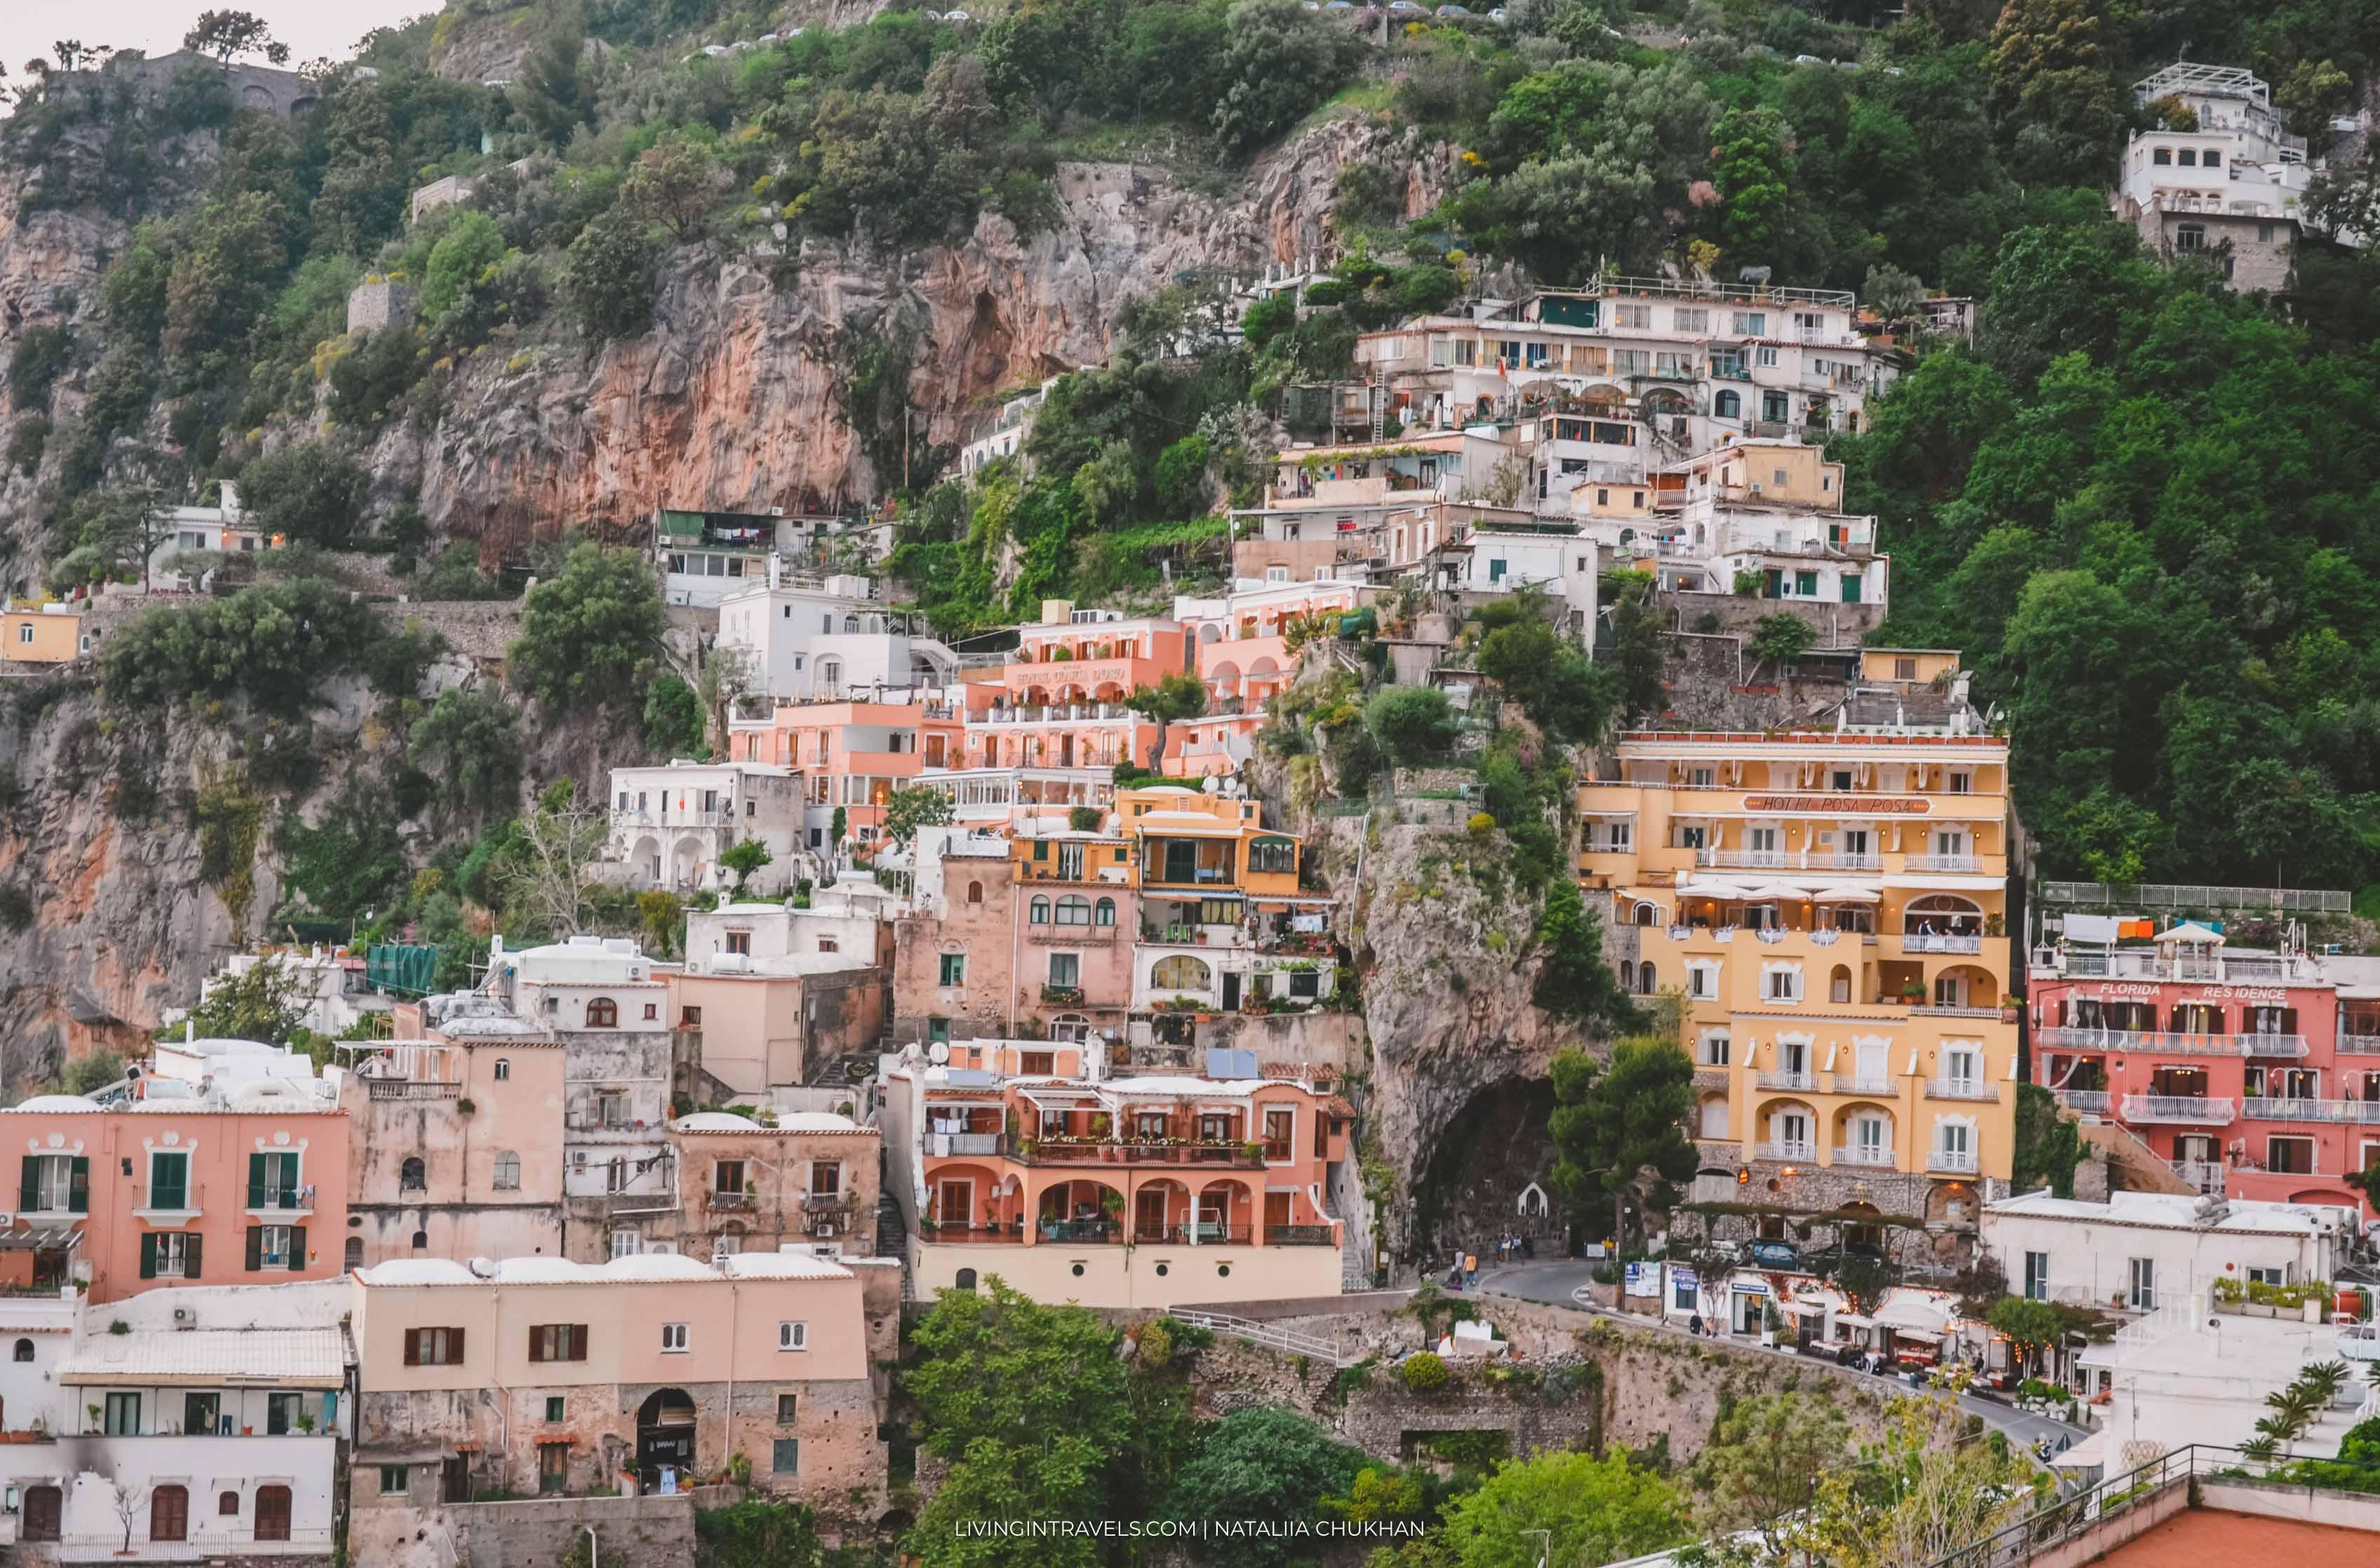 Что нужно знать перед поездкой на Амальфитанское побережье Италии